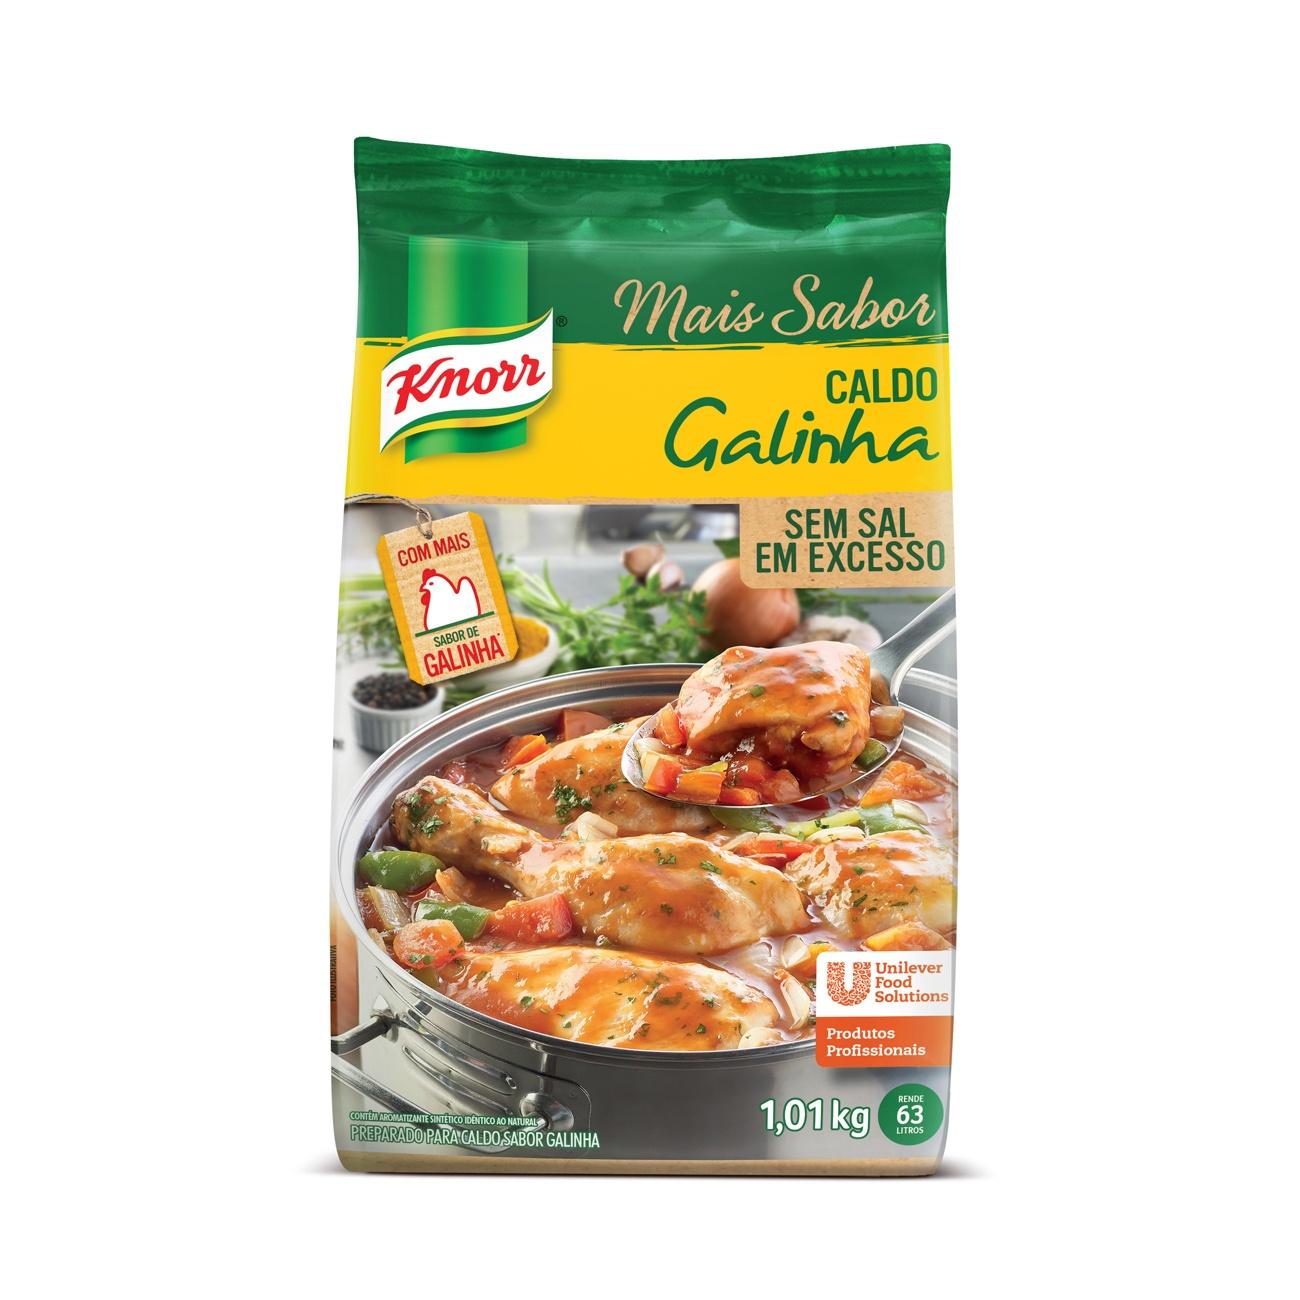 Caldo de Galinha Knorr 1,01kg